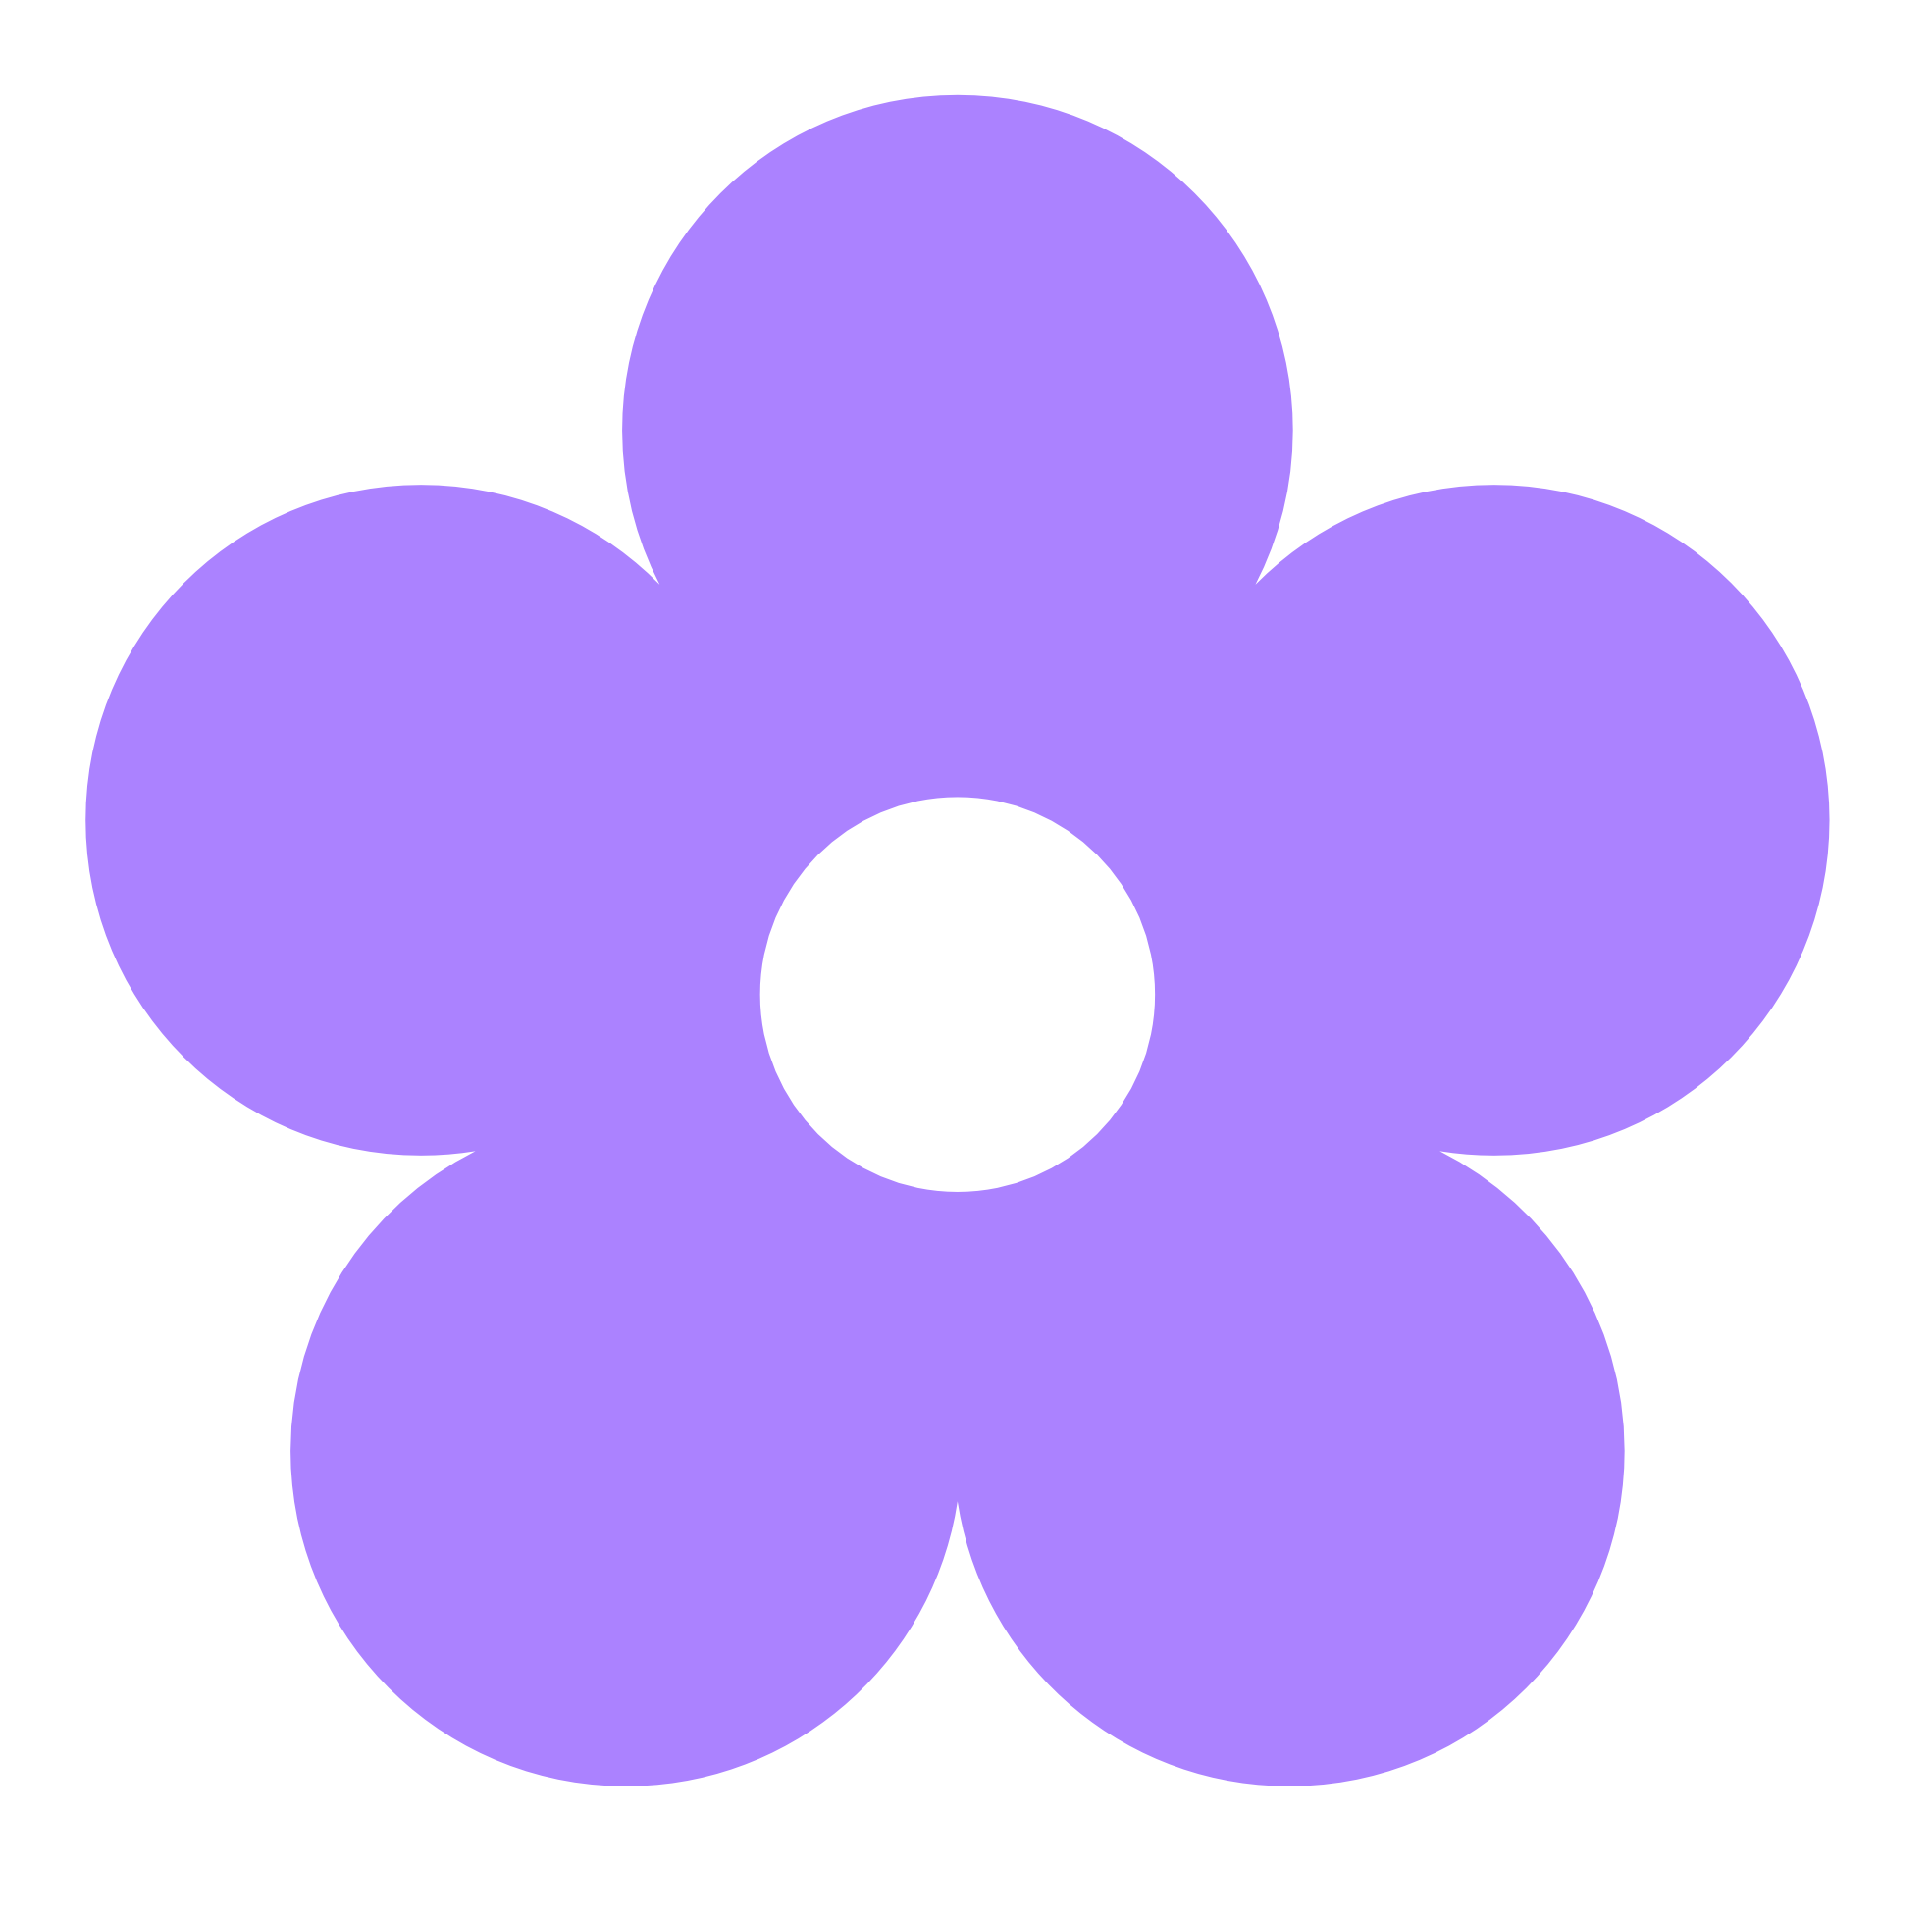 Petal clipart one flower Purple Clipart purple%20flower%20border%20clipart Free Clip